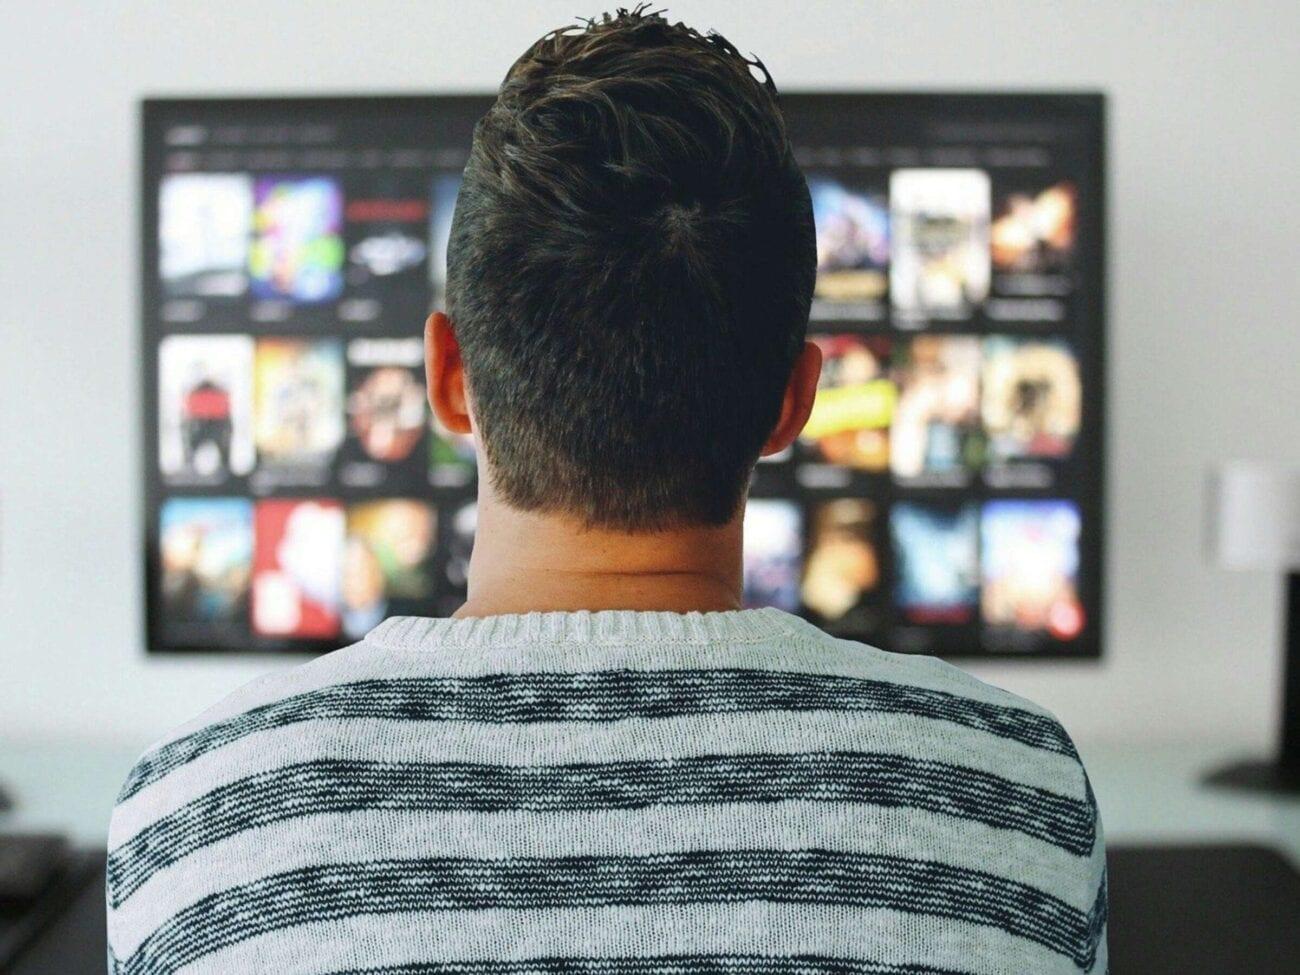 ¿No sabes dónde ver buenas películas completas gratis? Checa estos films de 123movies que seguro te encantarán.